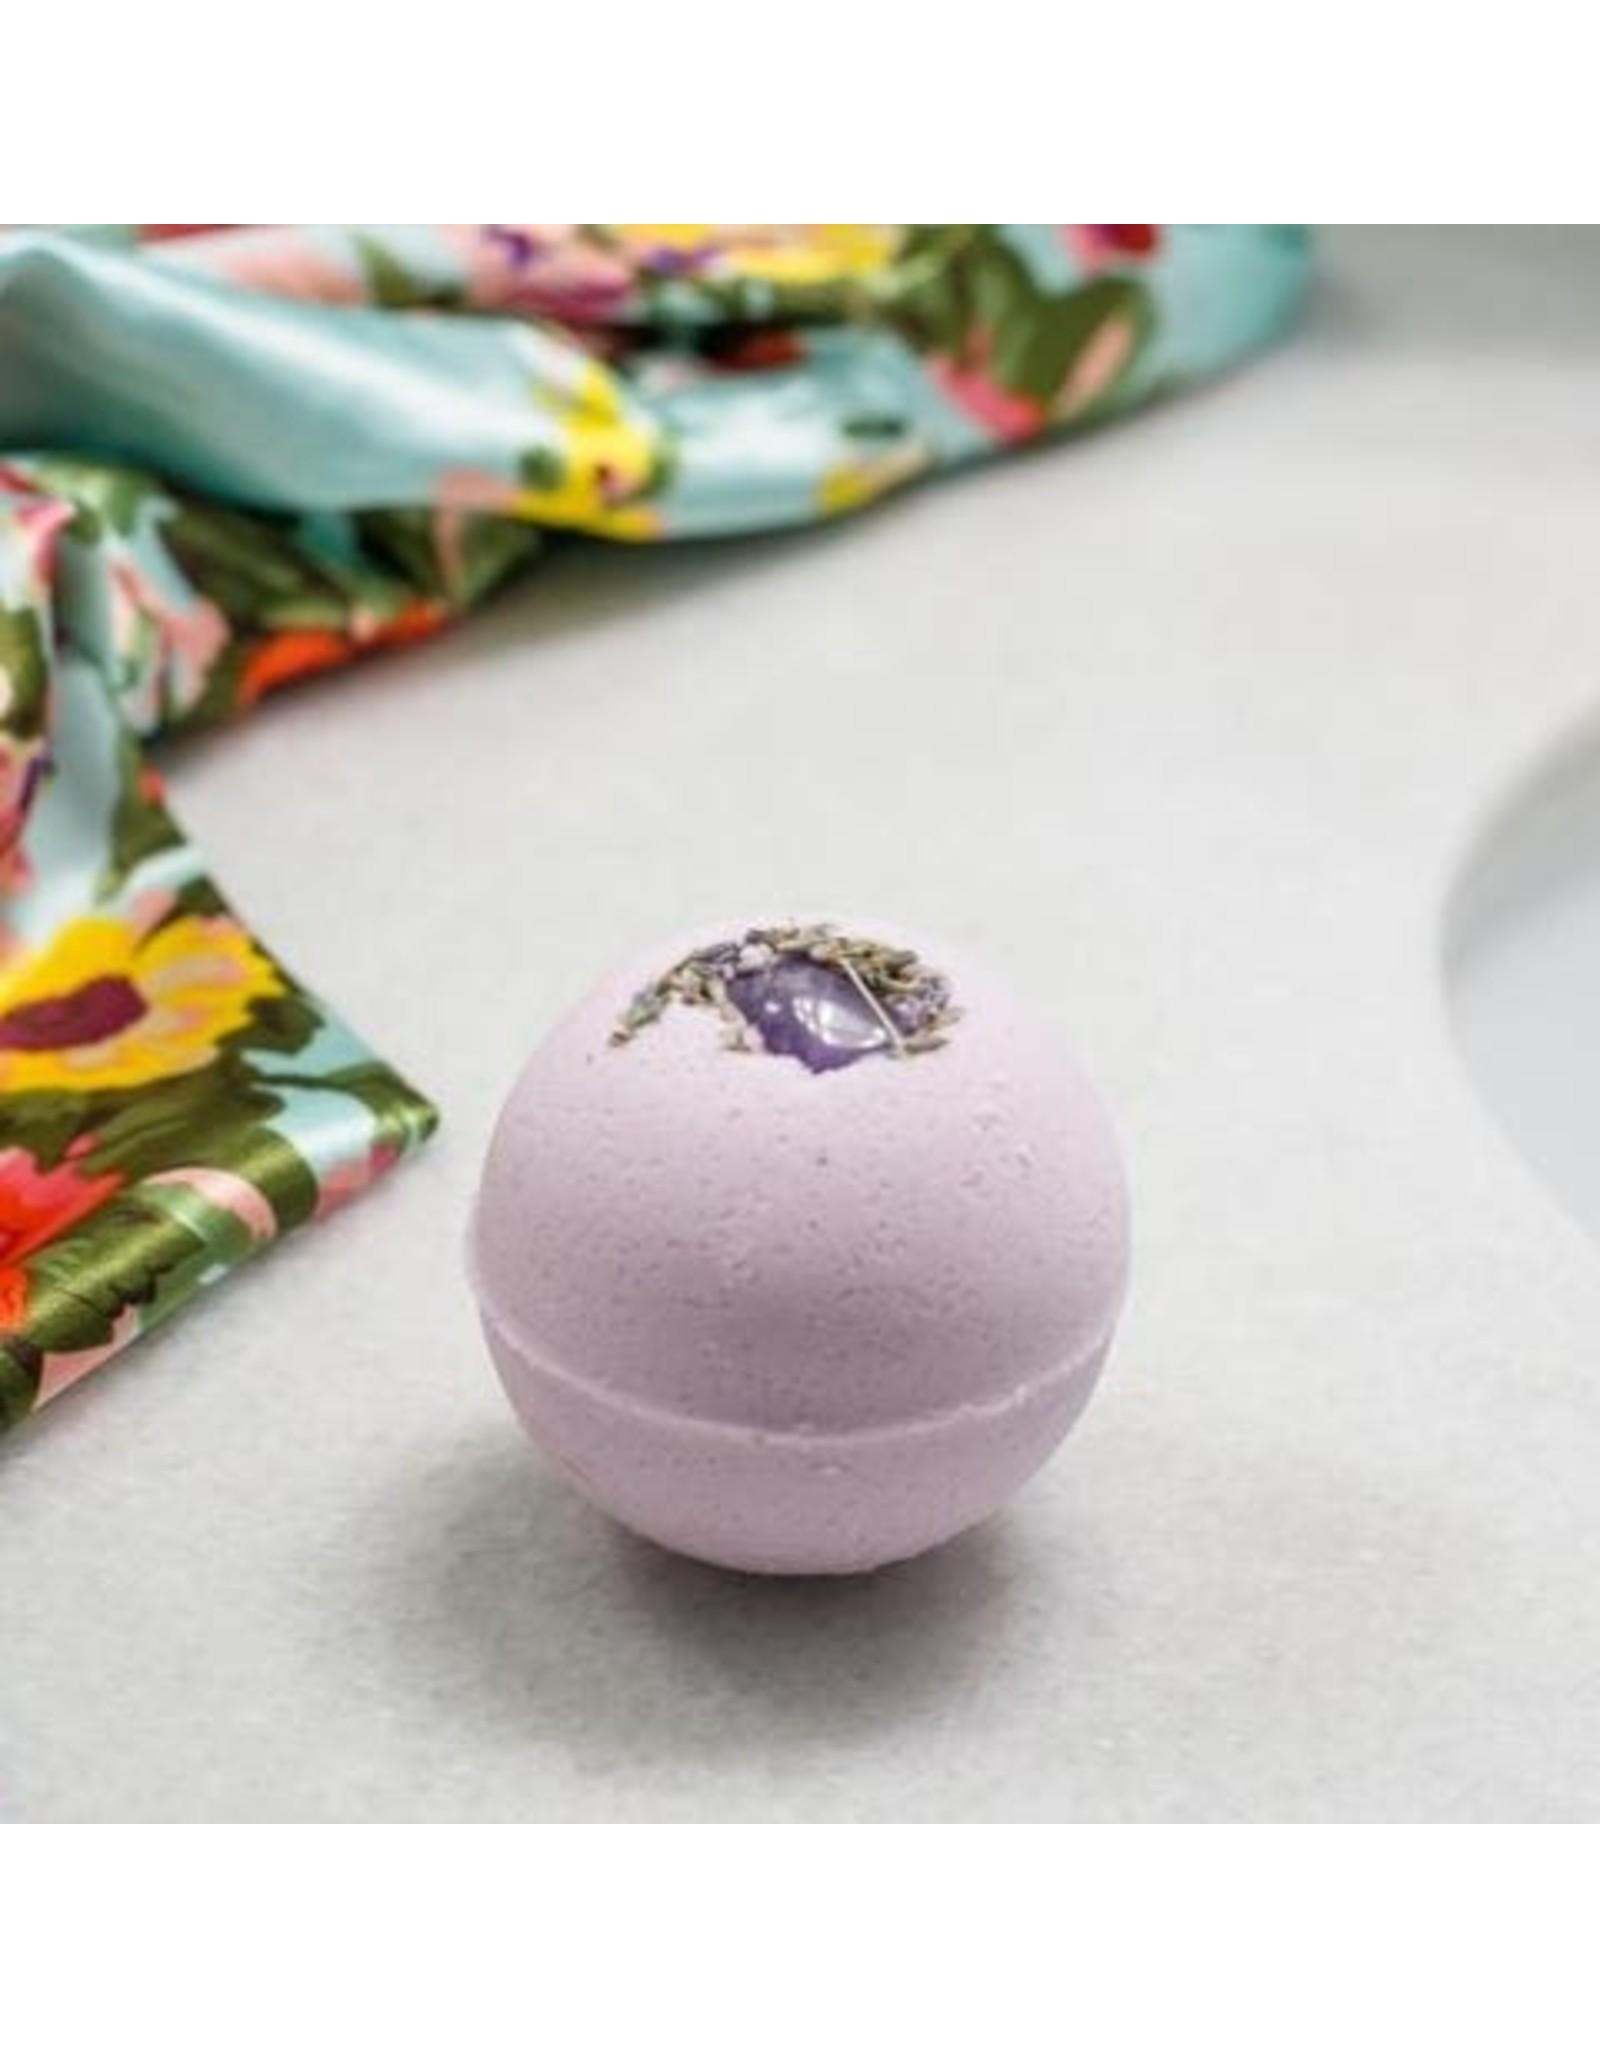 Apt. 6 Skin Co. Amethyst + Lavender Bath Bomb